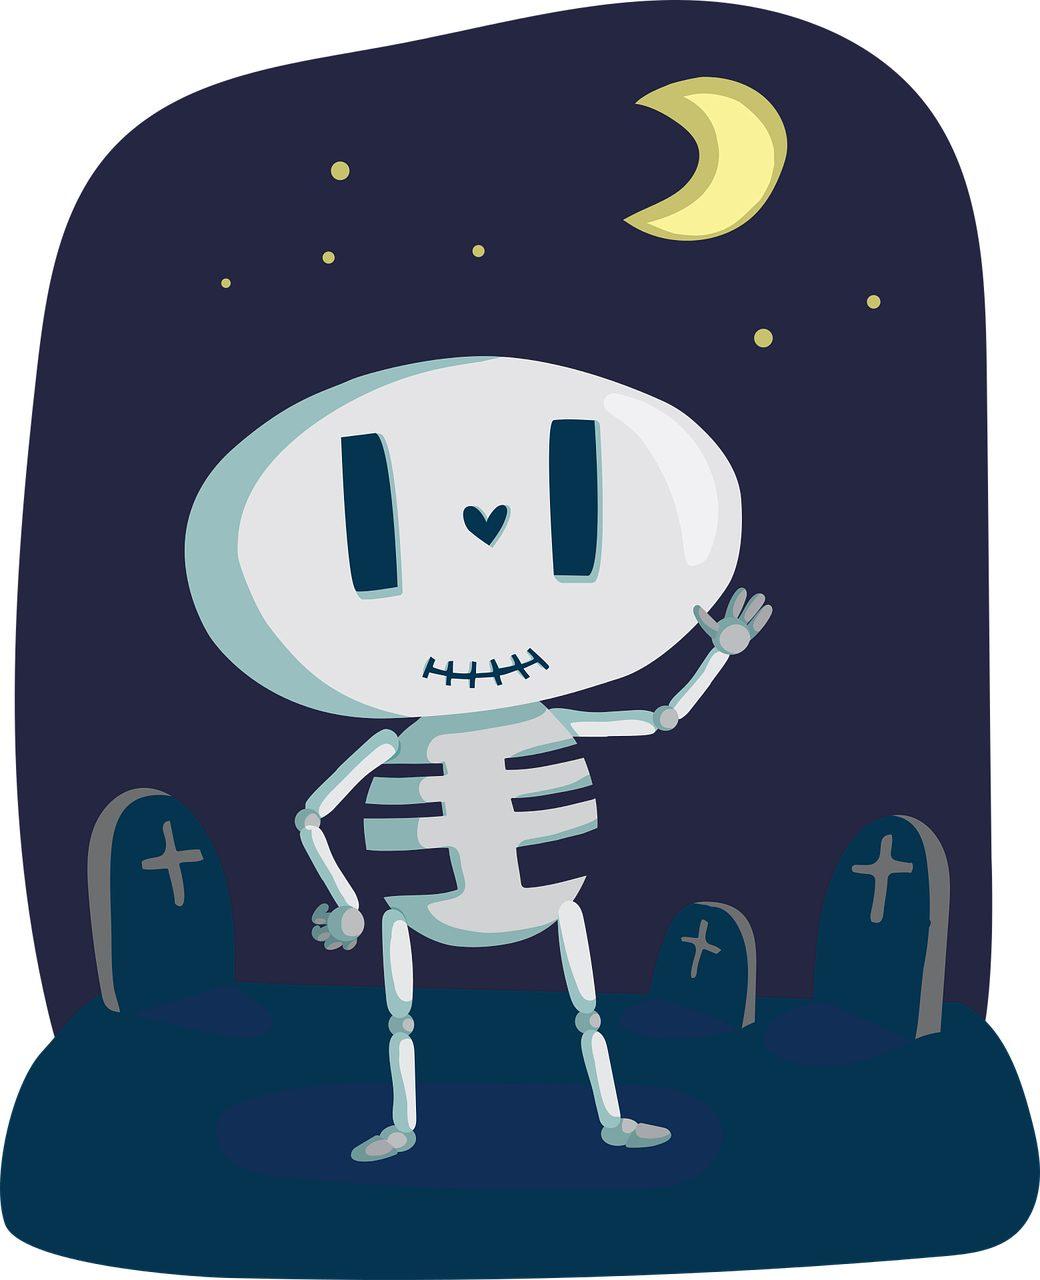 esqueleto, sepulturas, cemitério, Lua, ossos - Papéis de parede HD - Professor-falken.com